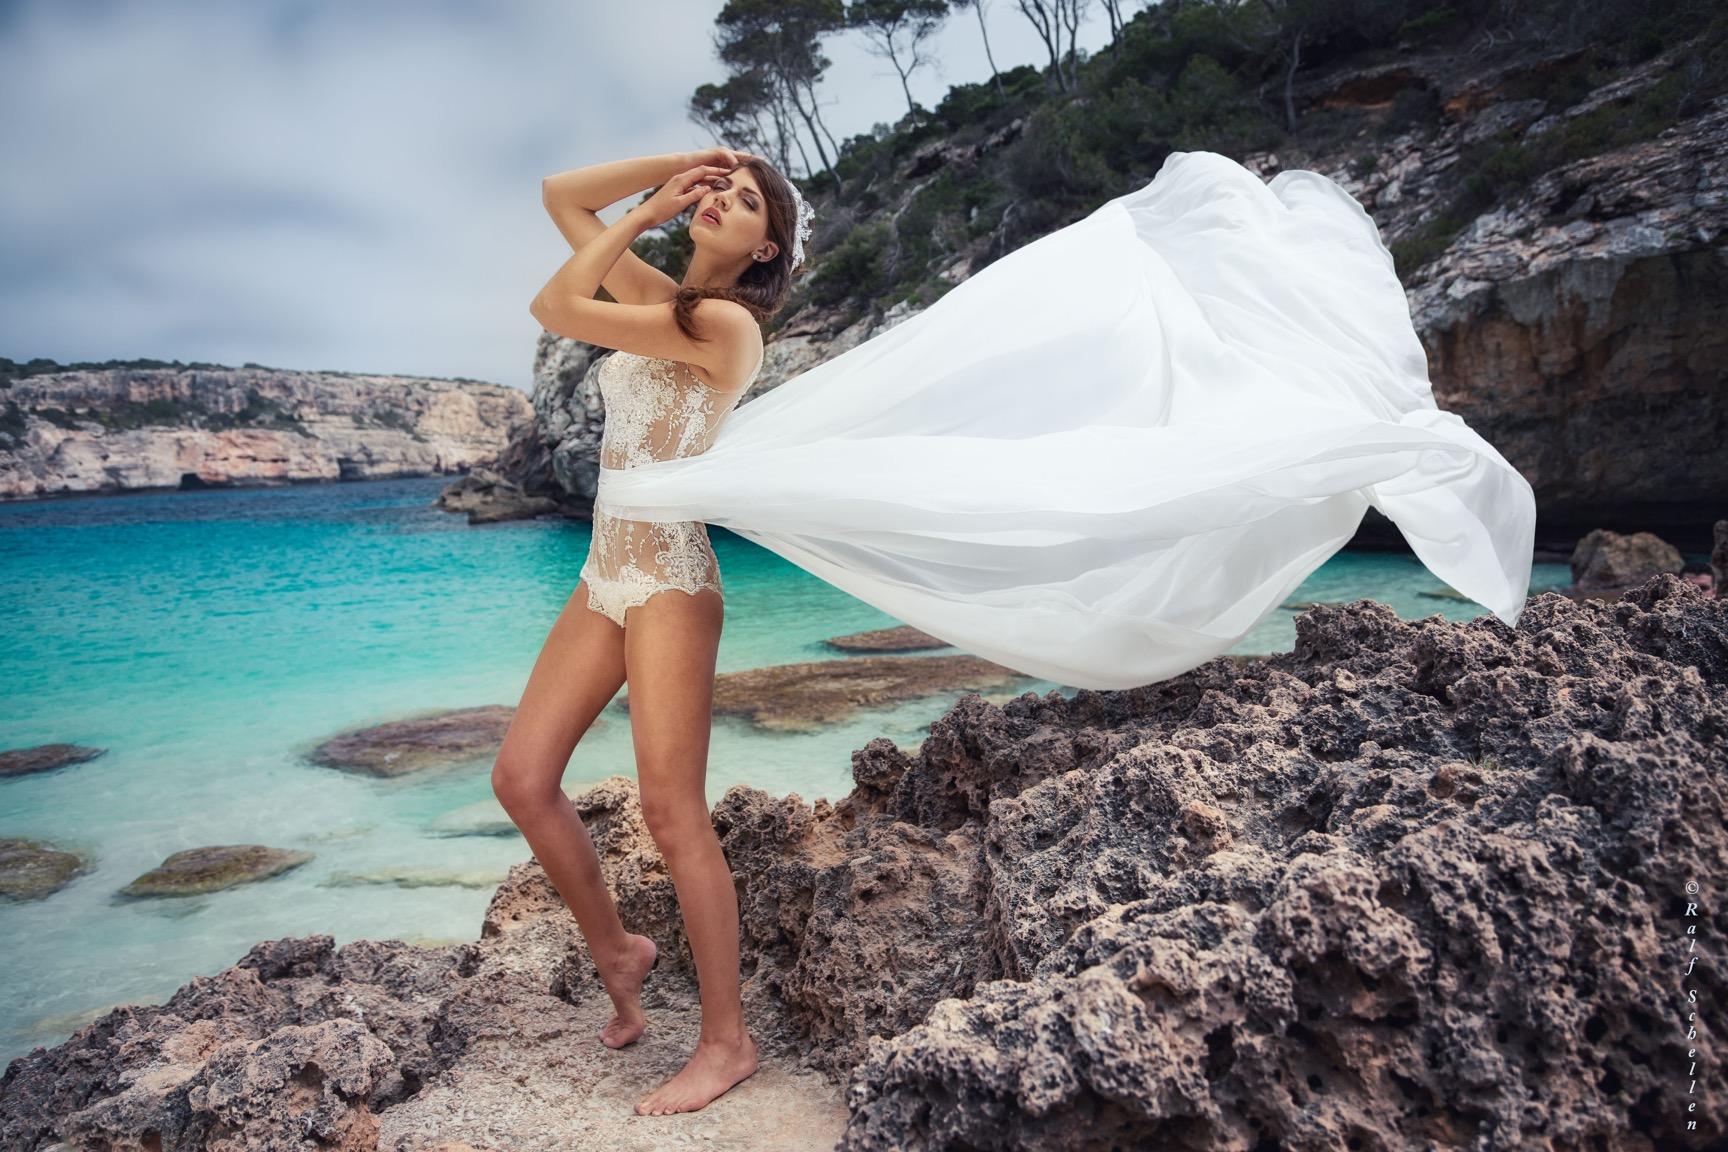 Eine junge Frau steht auf vielen Felsen vor der Kulisse des Meeres. Sie trägt einen weißen Spitzenbody mit einer Chiffonschleppe. Ihr Blick ist nach oben gerichtet und ihre beiden Arme winkelt sie ebenfalls nach oben. Den rechten Fuß hebt sie leicht an. Die Schleppe fliegt in der Luft.